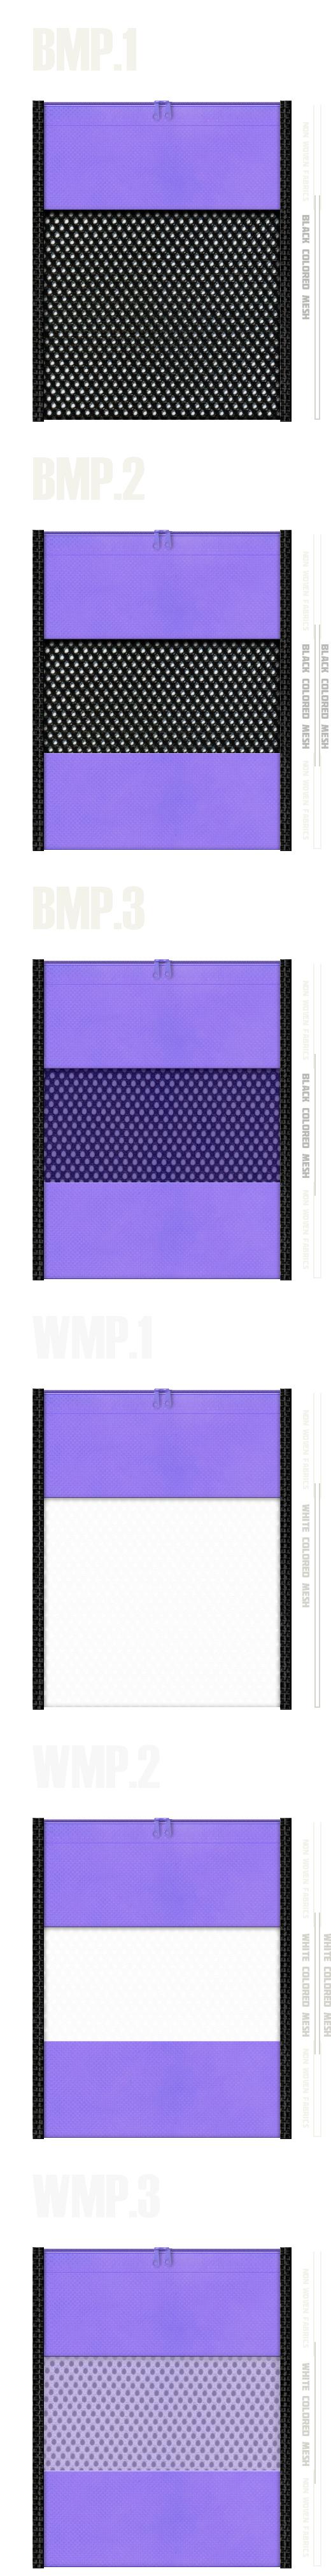 メッシュポーチのカラーシミュレーション:黒色・白色メッシュと薄紫色不織布の組み合わせ